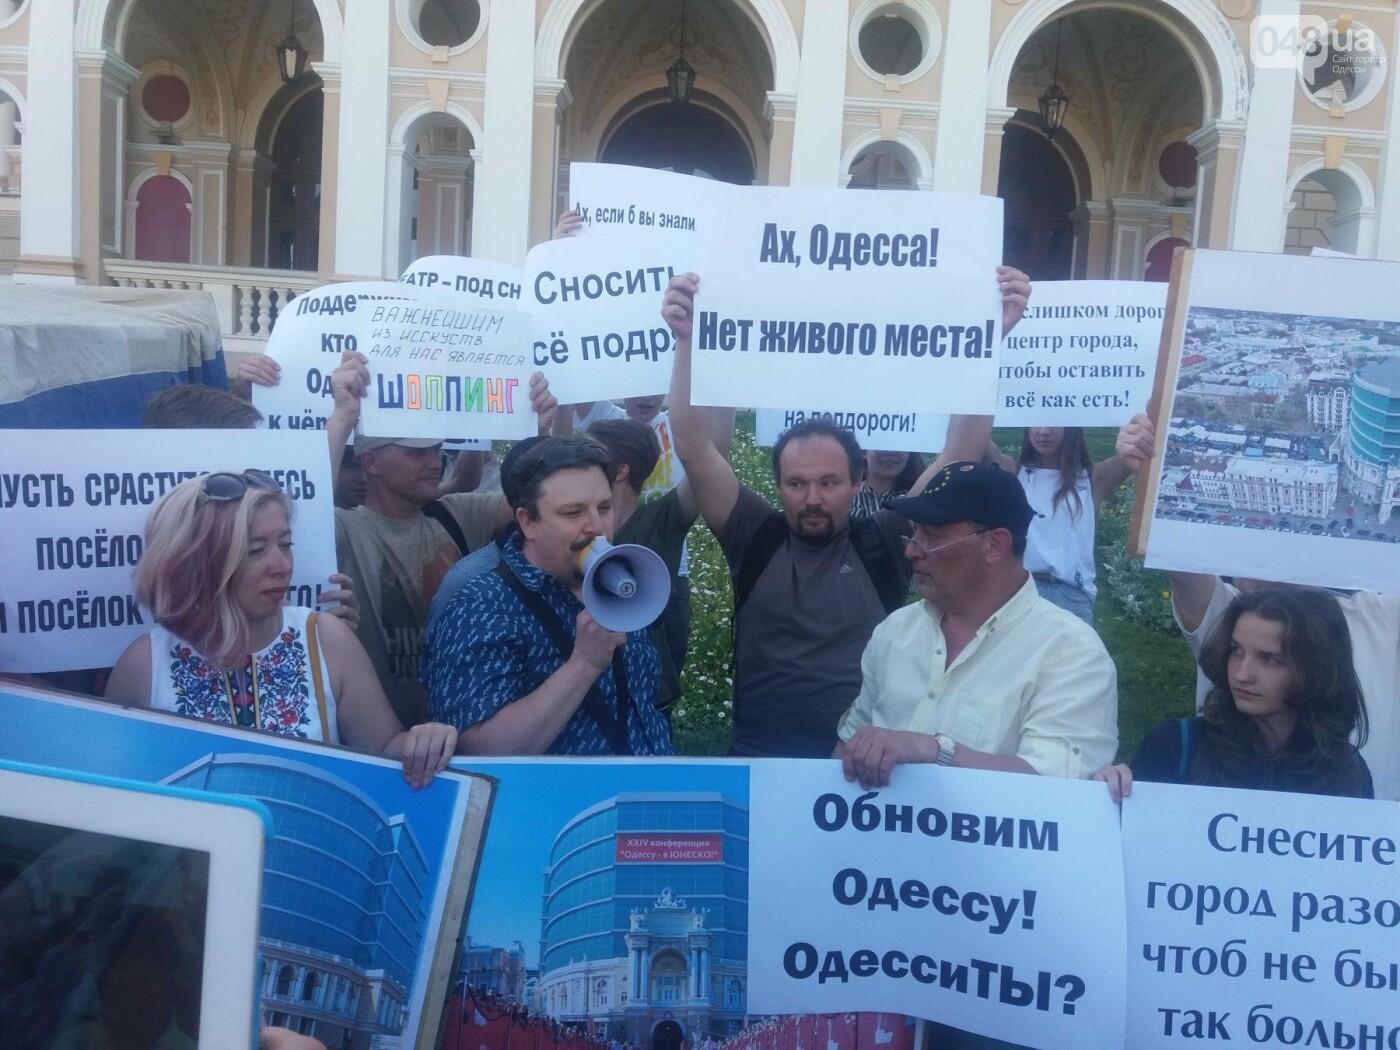 В Одессе требовали снести оперный театр и построить торговый центр, - ФОТО, ВИДЕО, фото-8